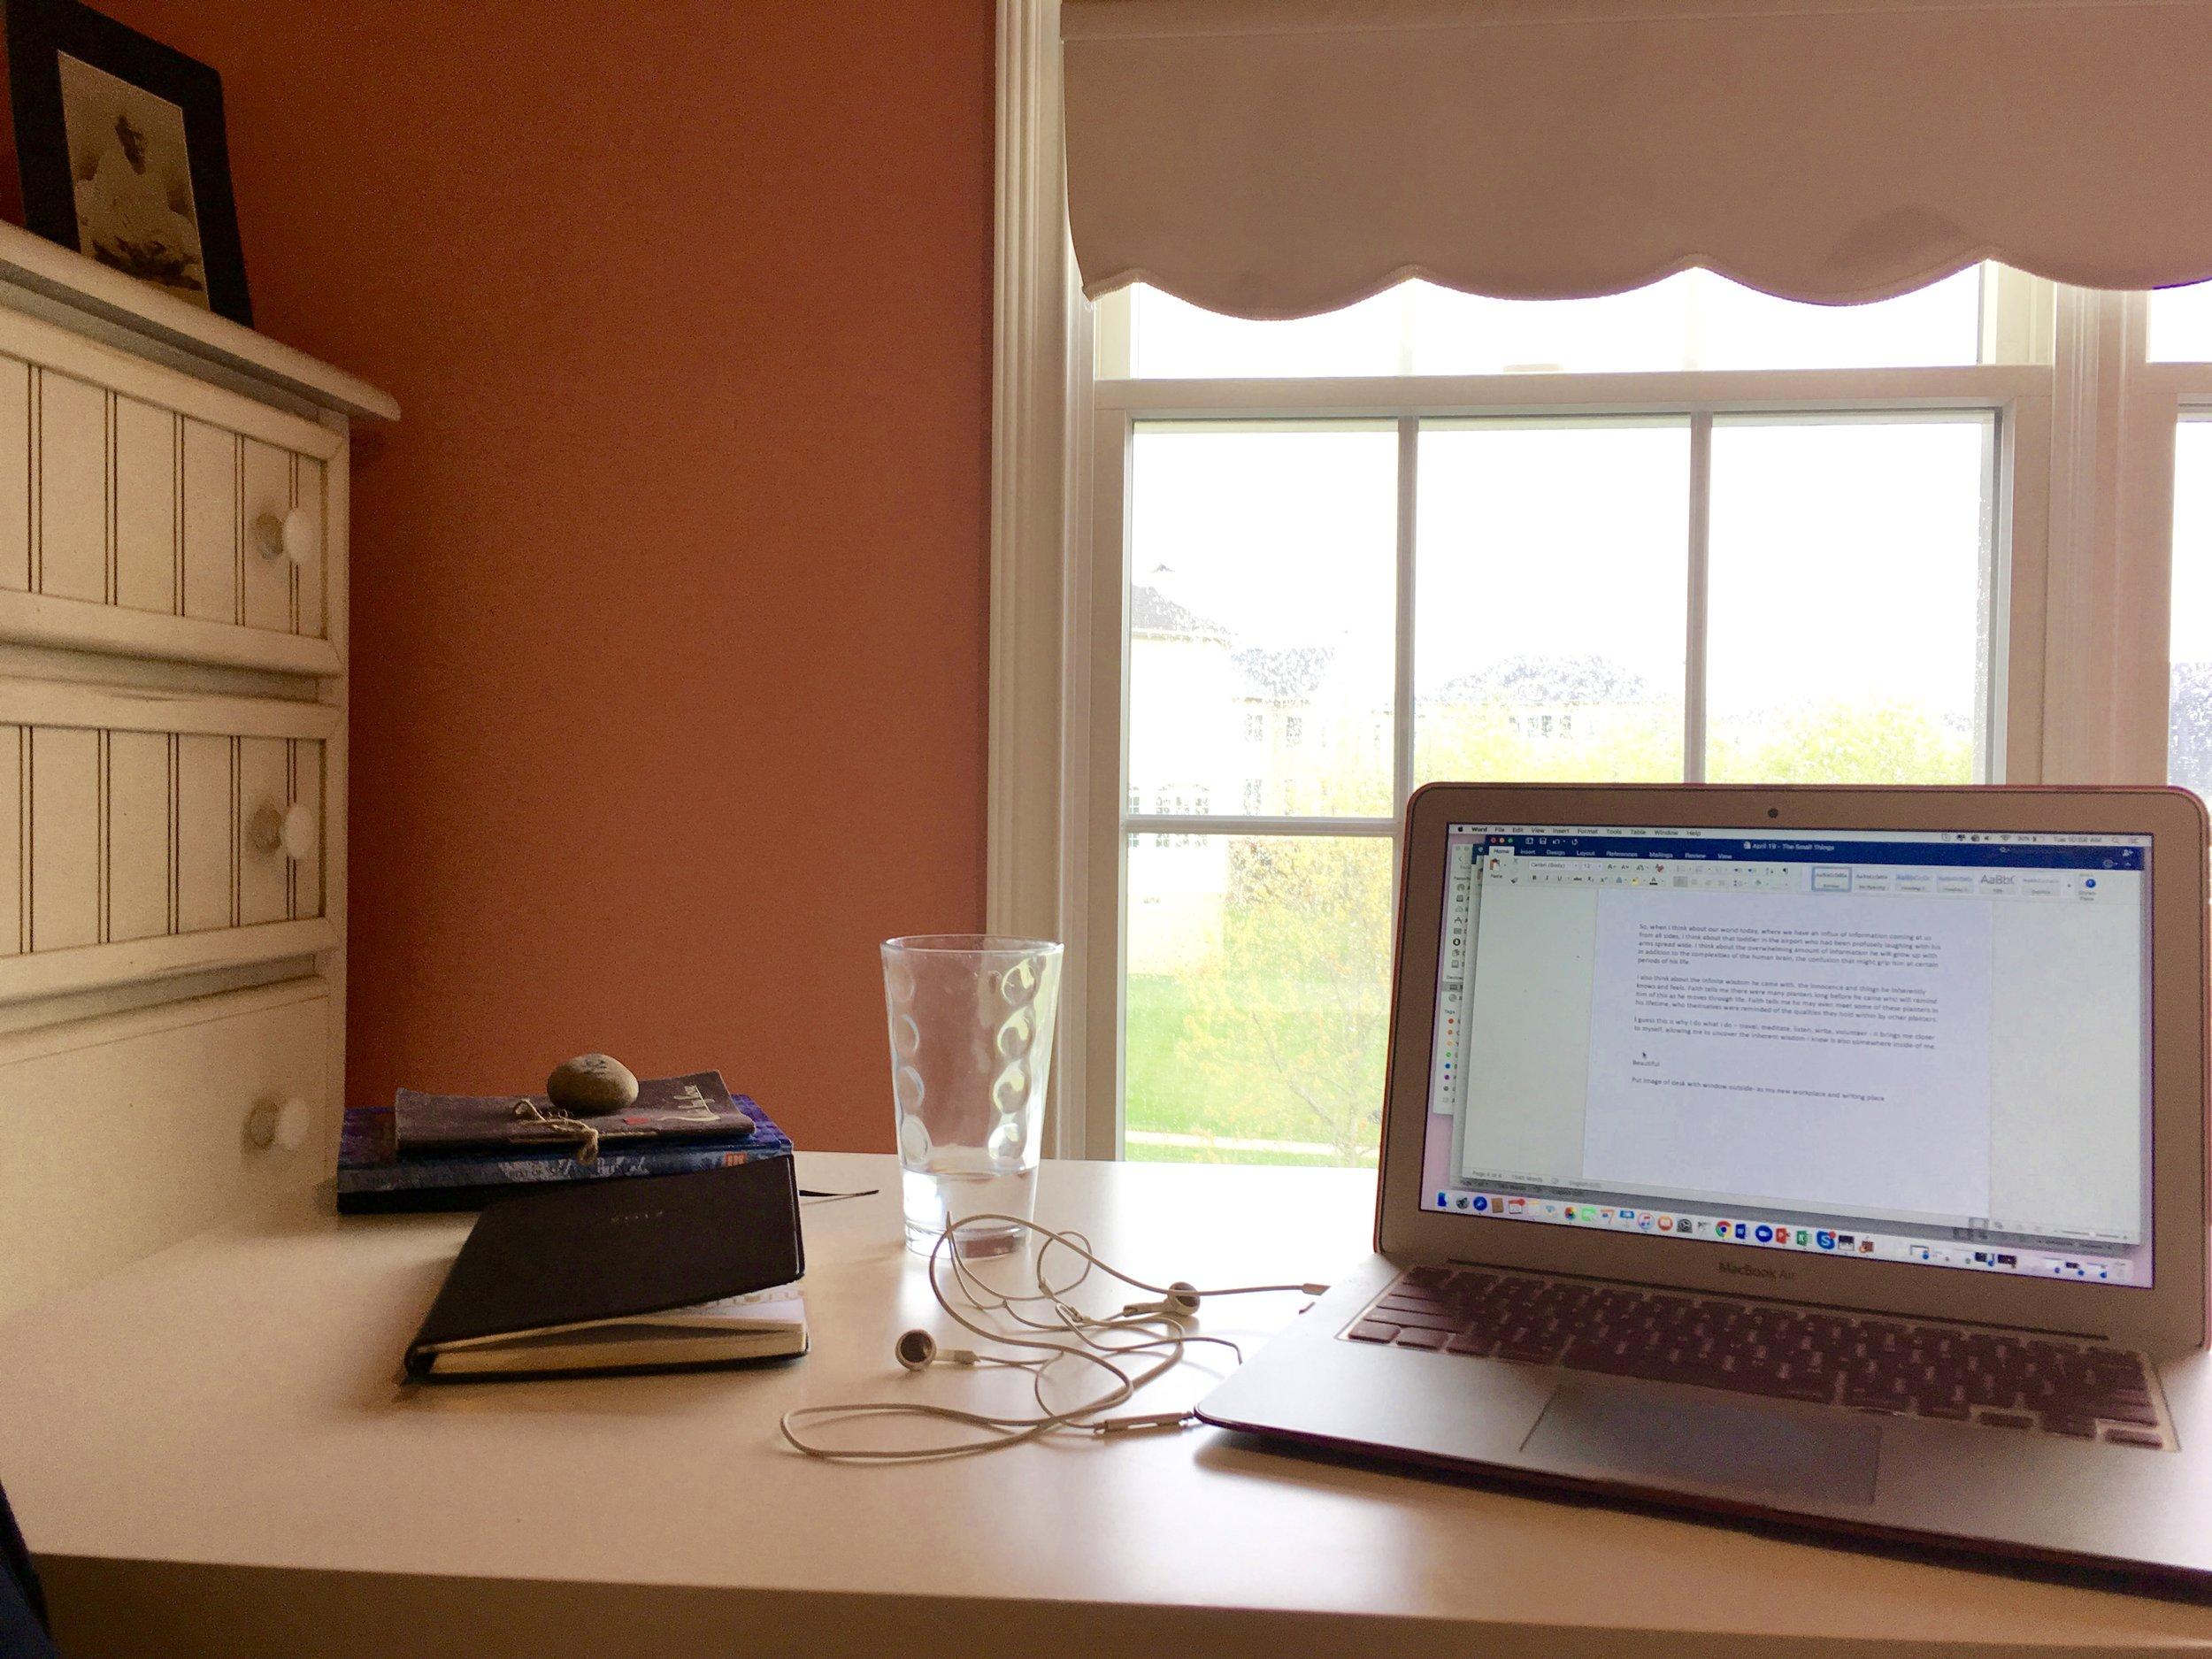 My new writing space in my tweenage bedroom (haha)